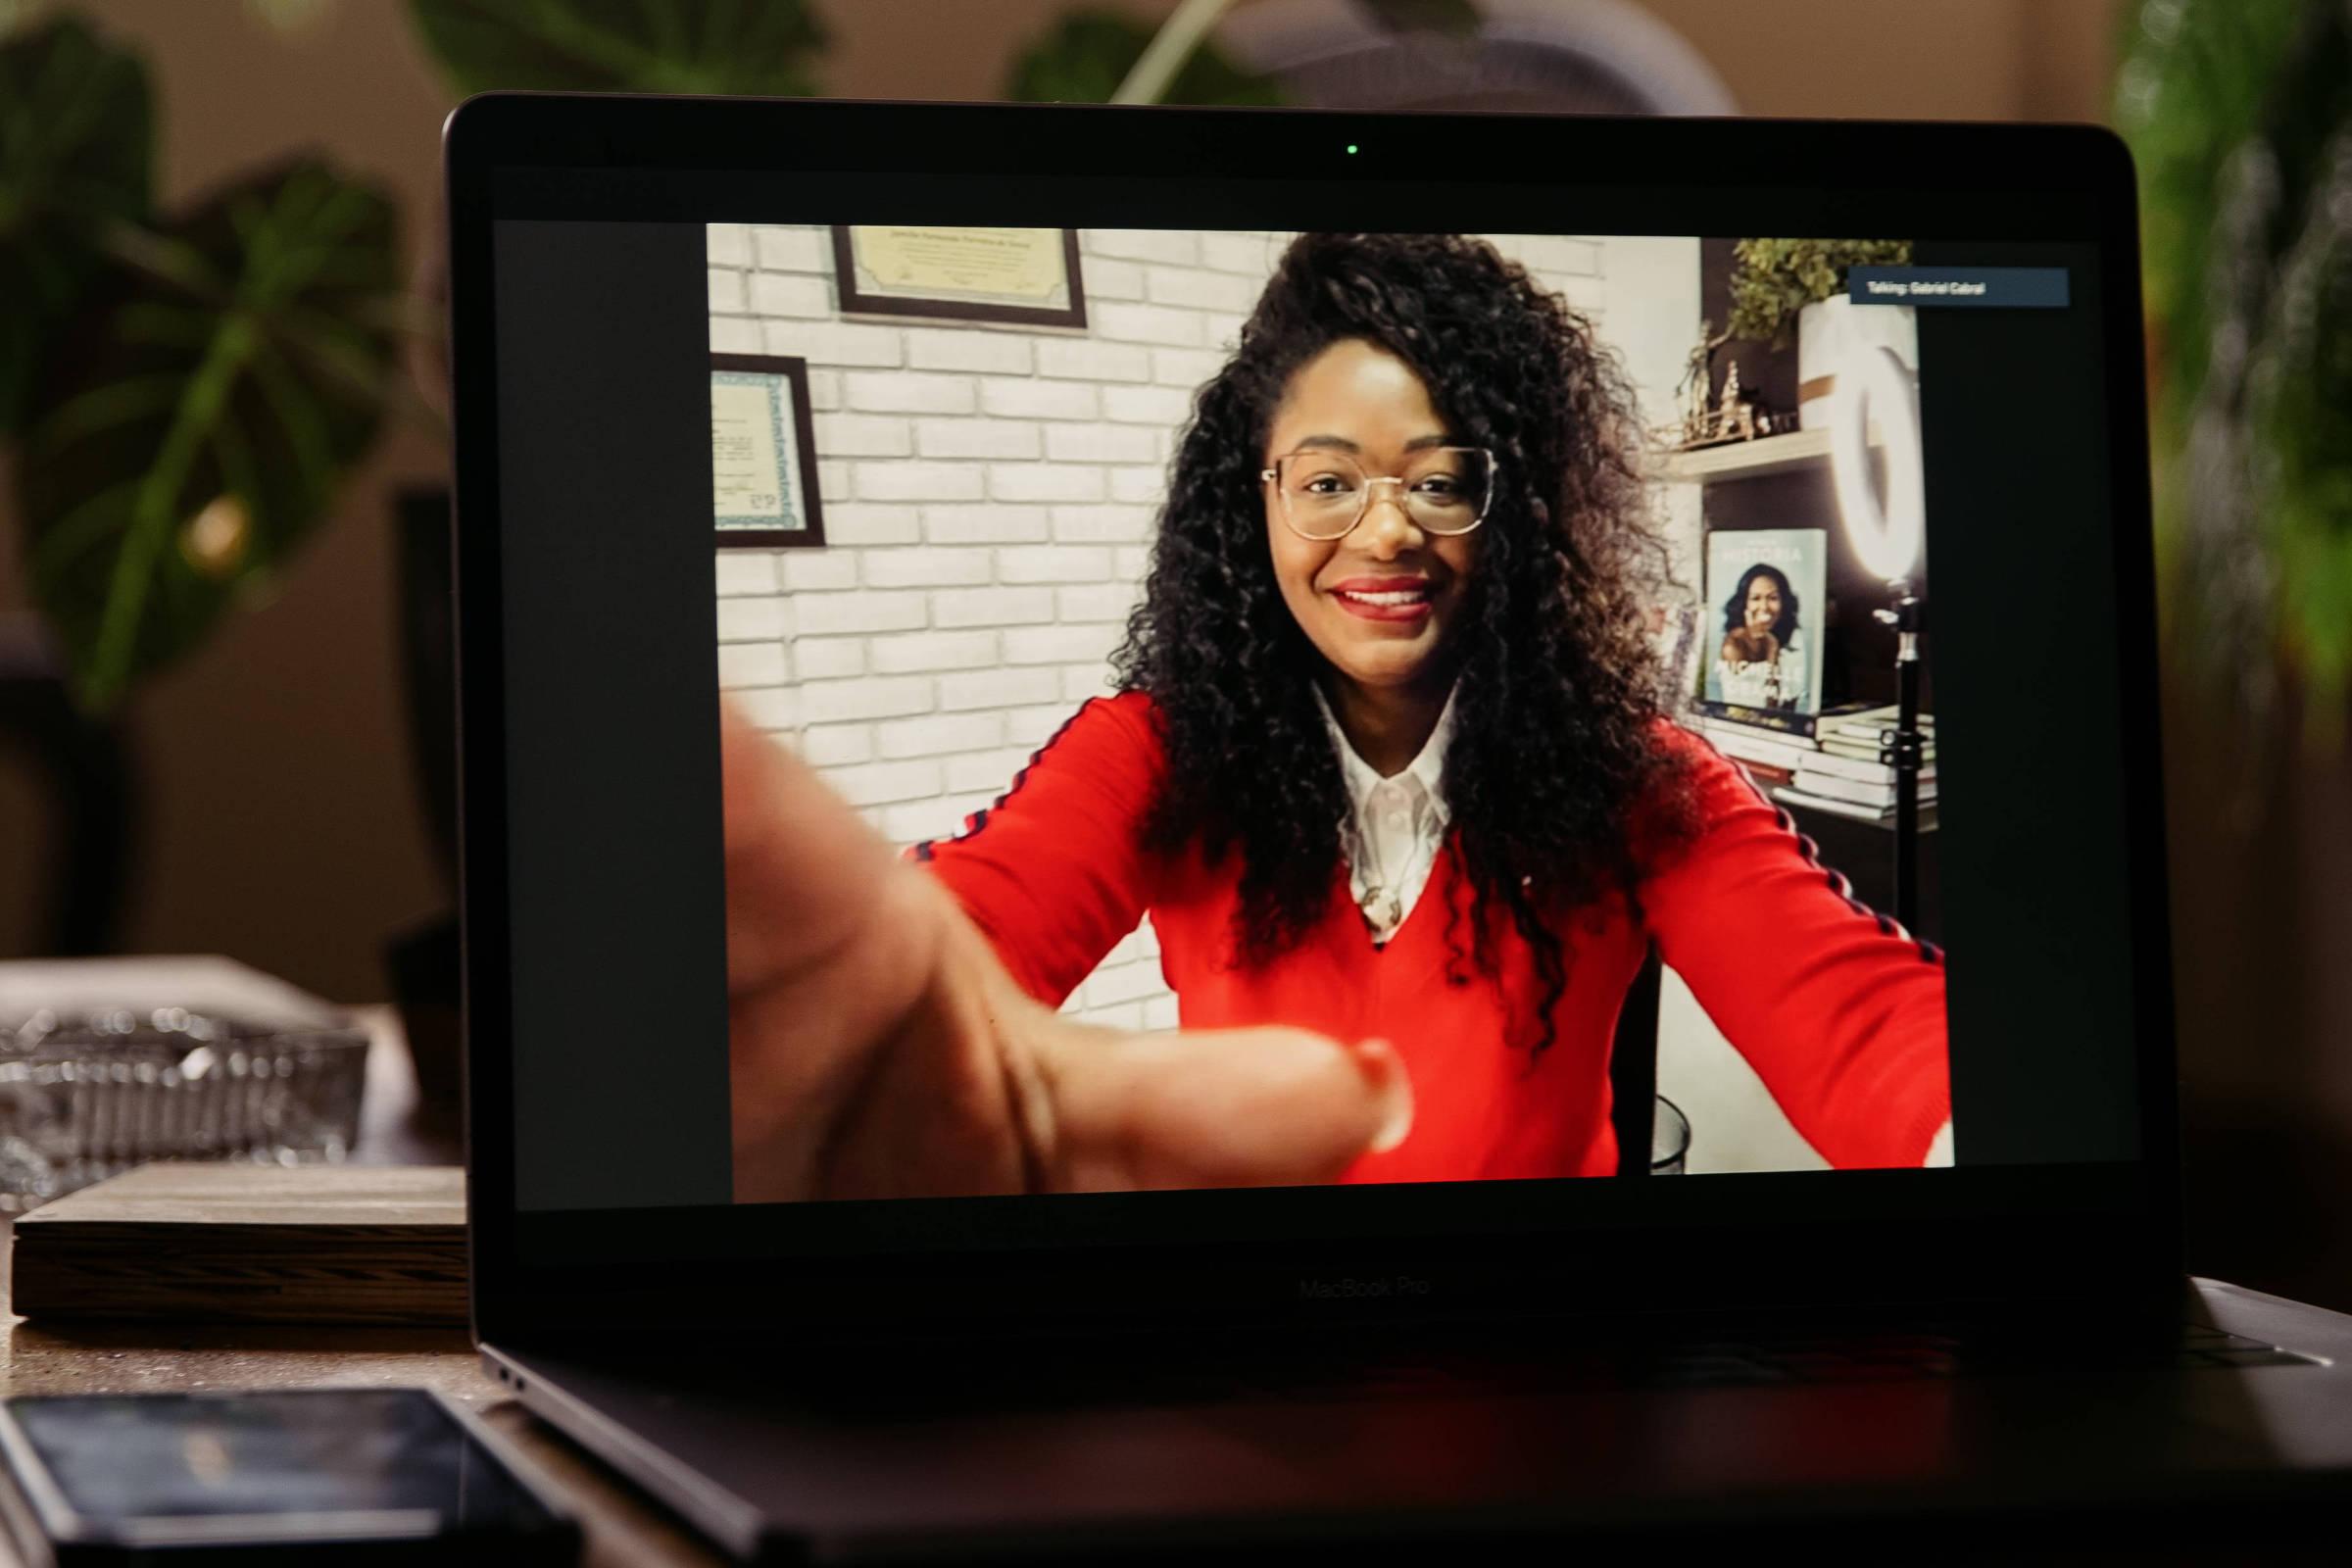 Tela de computador onde de vê mulher negra que sorri e segura tela do aparelho que a filma, ao fundo ambiente de escritório